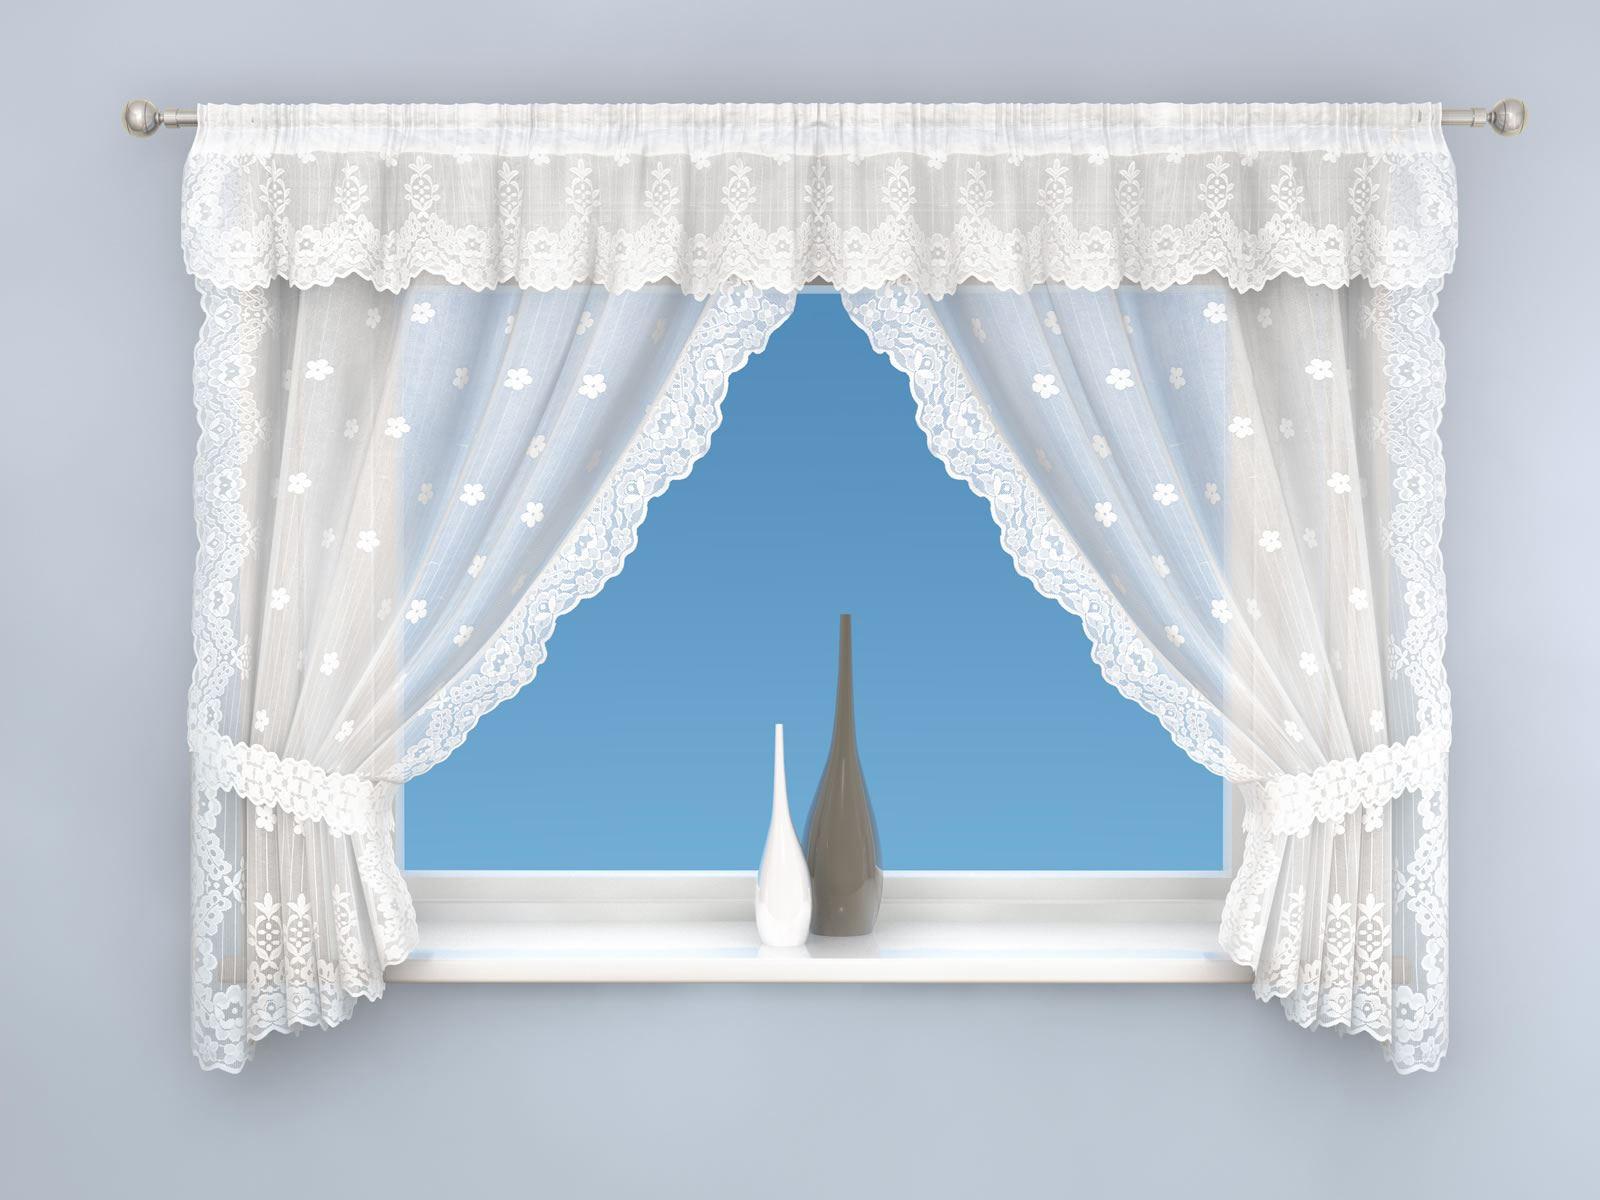 HONEY FLORAL LACE CURTAINS COMPLETE WINDOW TREATMENT SET